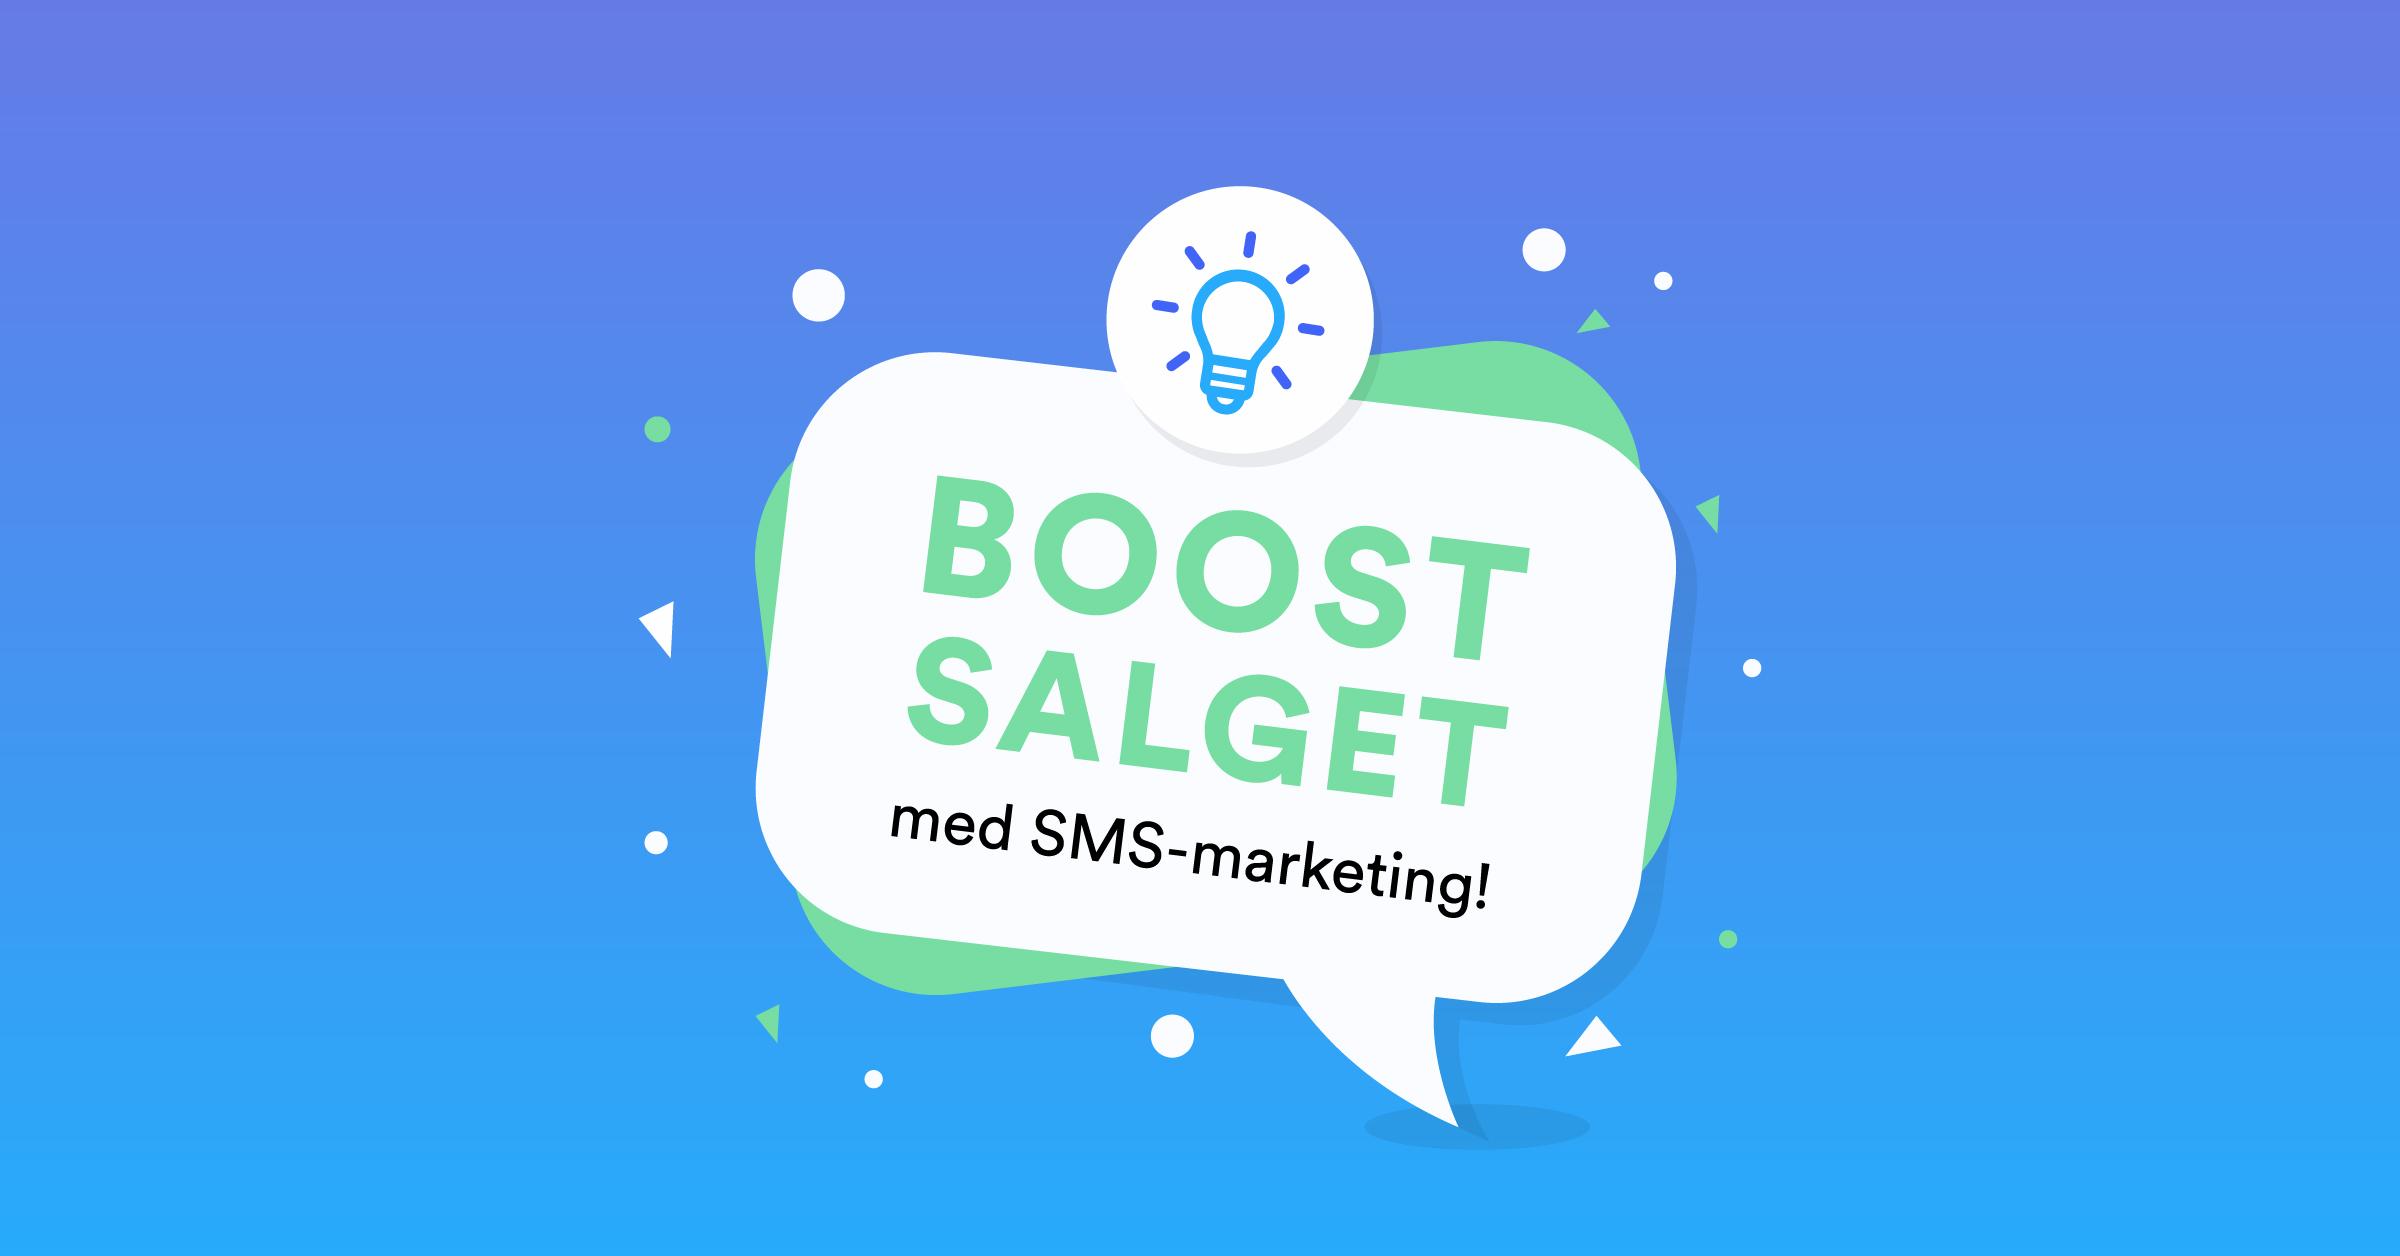 Boost salget med SMS-marketing